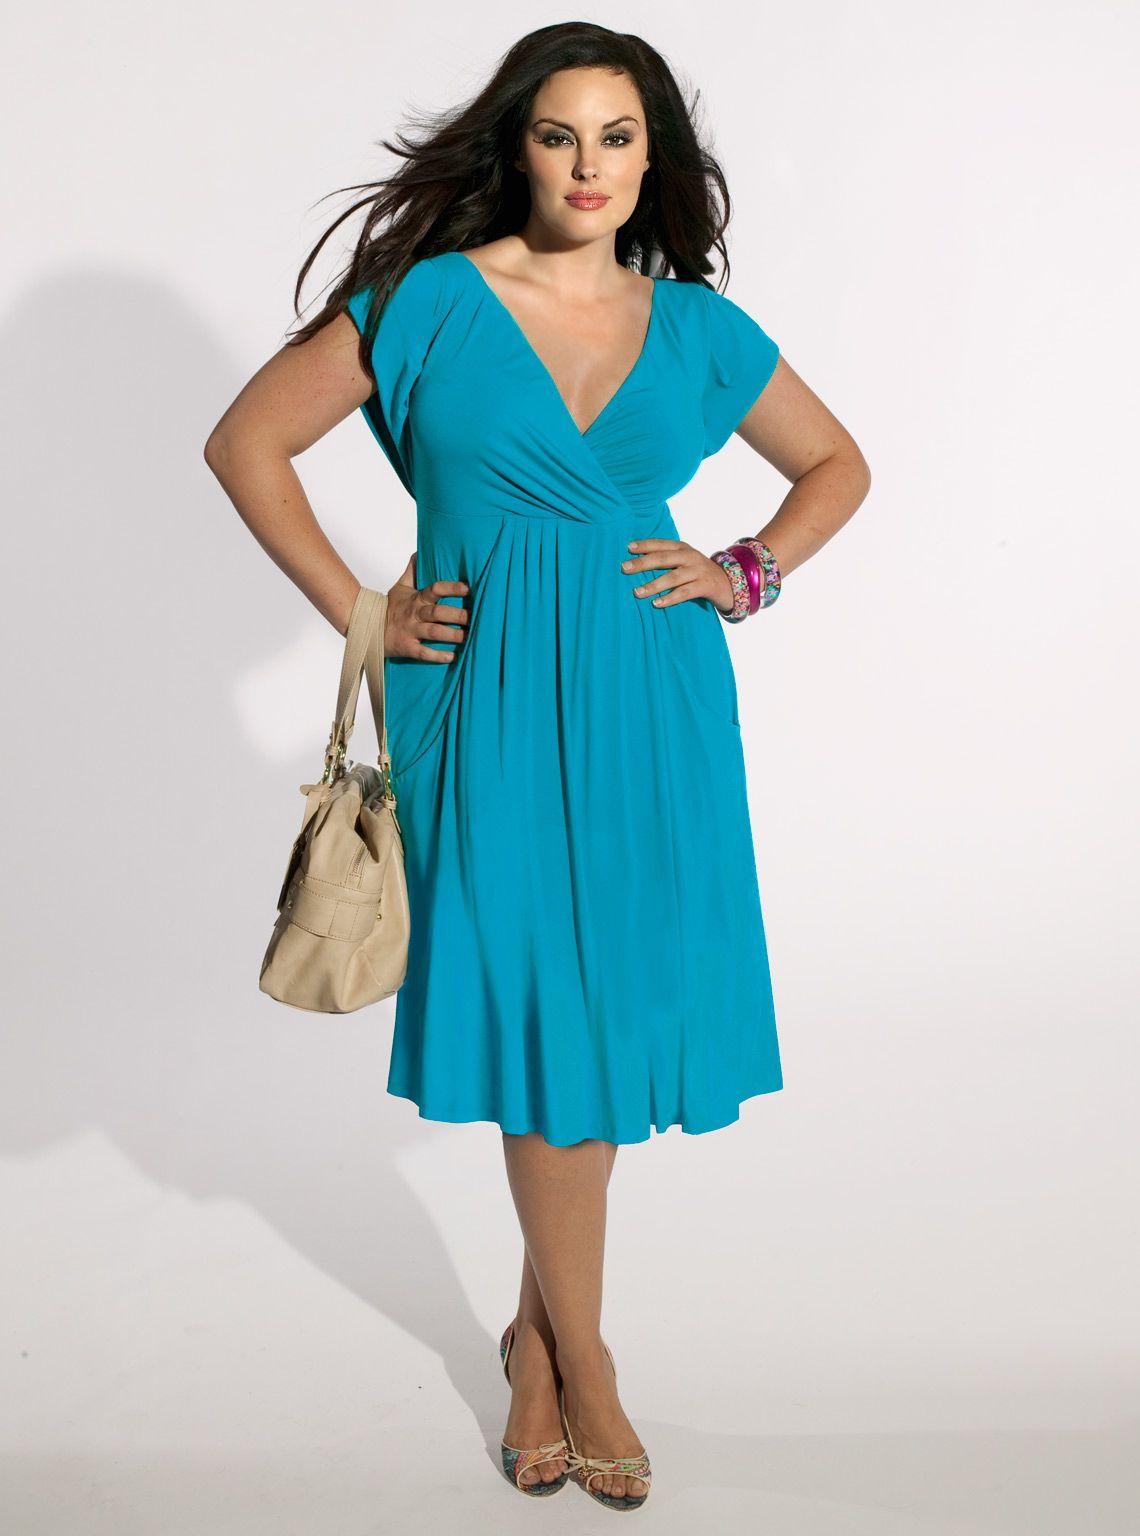 Pin by Trend Frisuren on Brautfrisuren | Pinterest | Dress casual ...